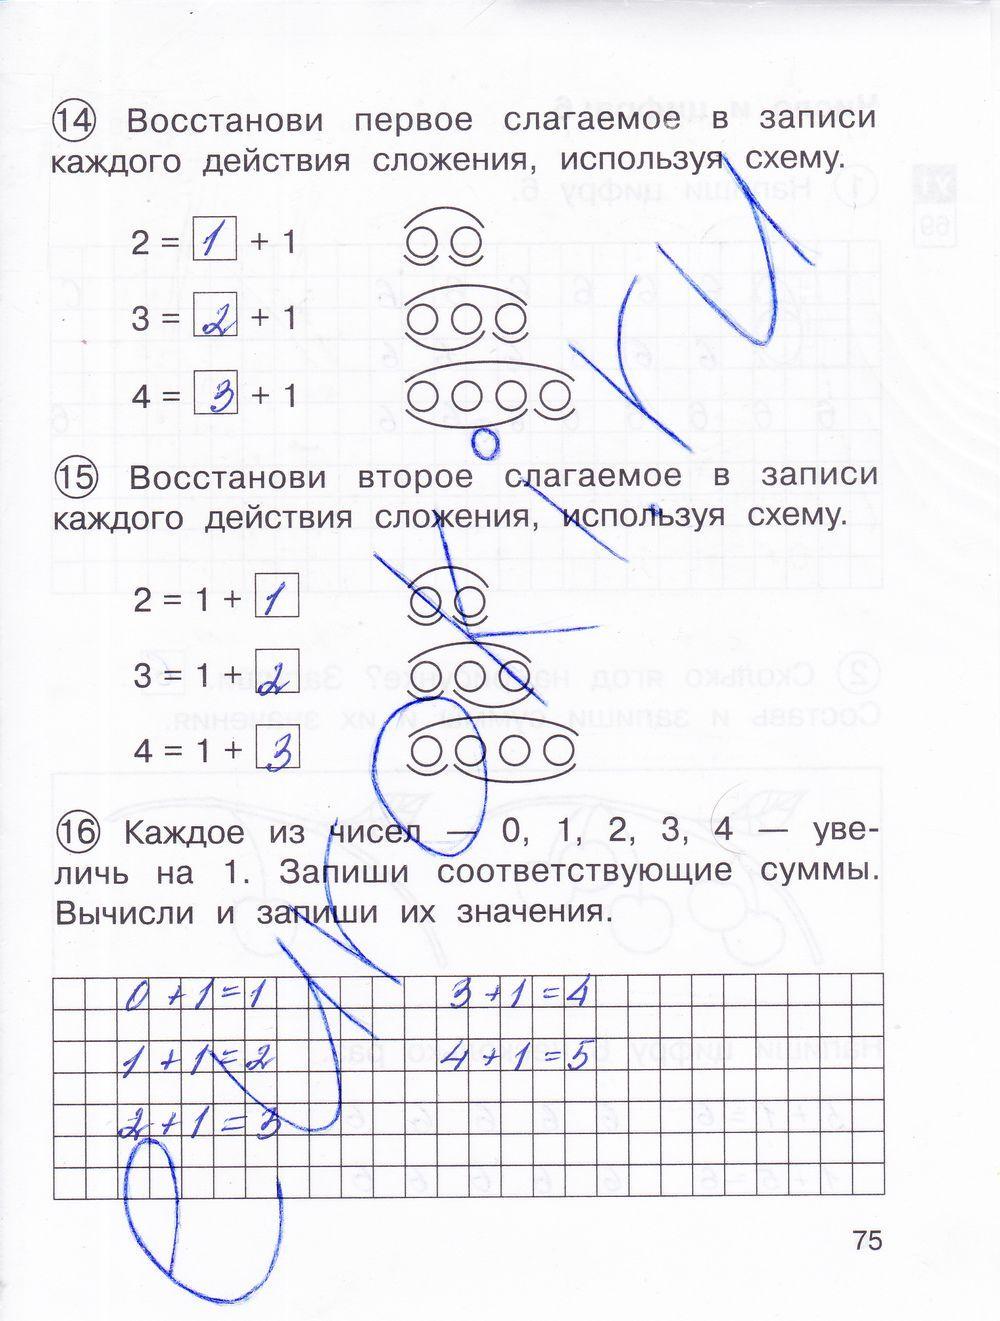 Биология ильченко 7 класс скачать бесплатно